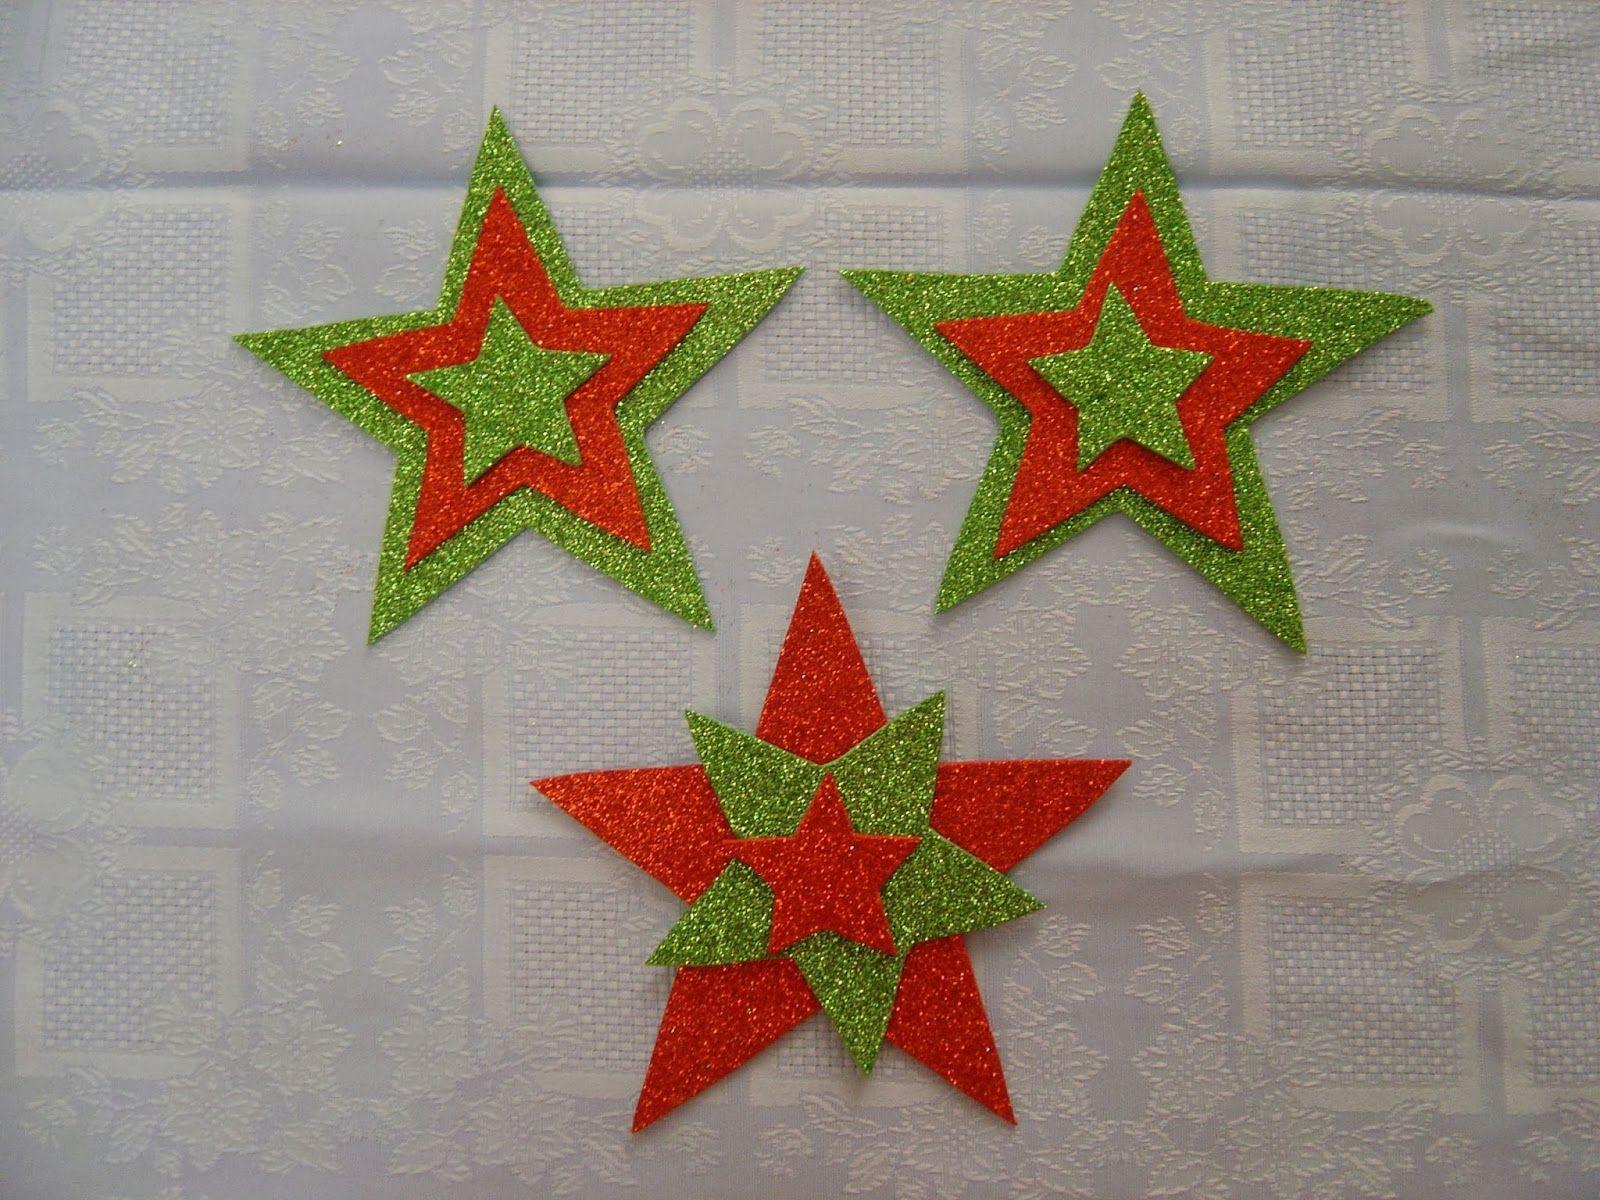 broche arbol de navidad goma eva Buscar con Google Navidad